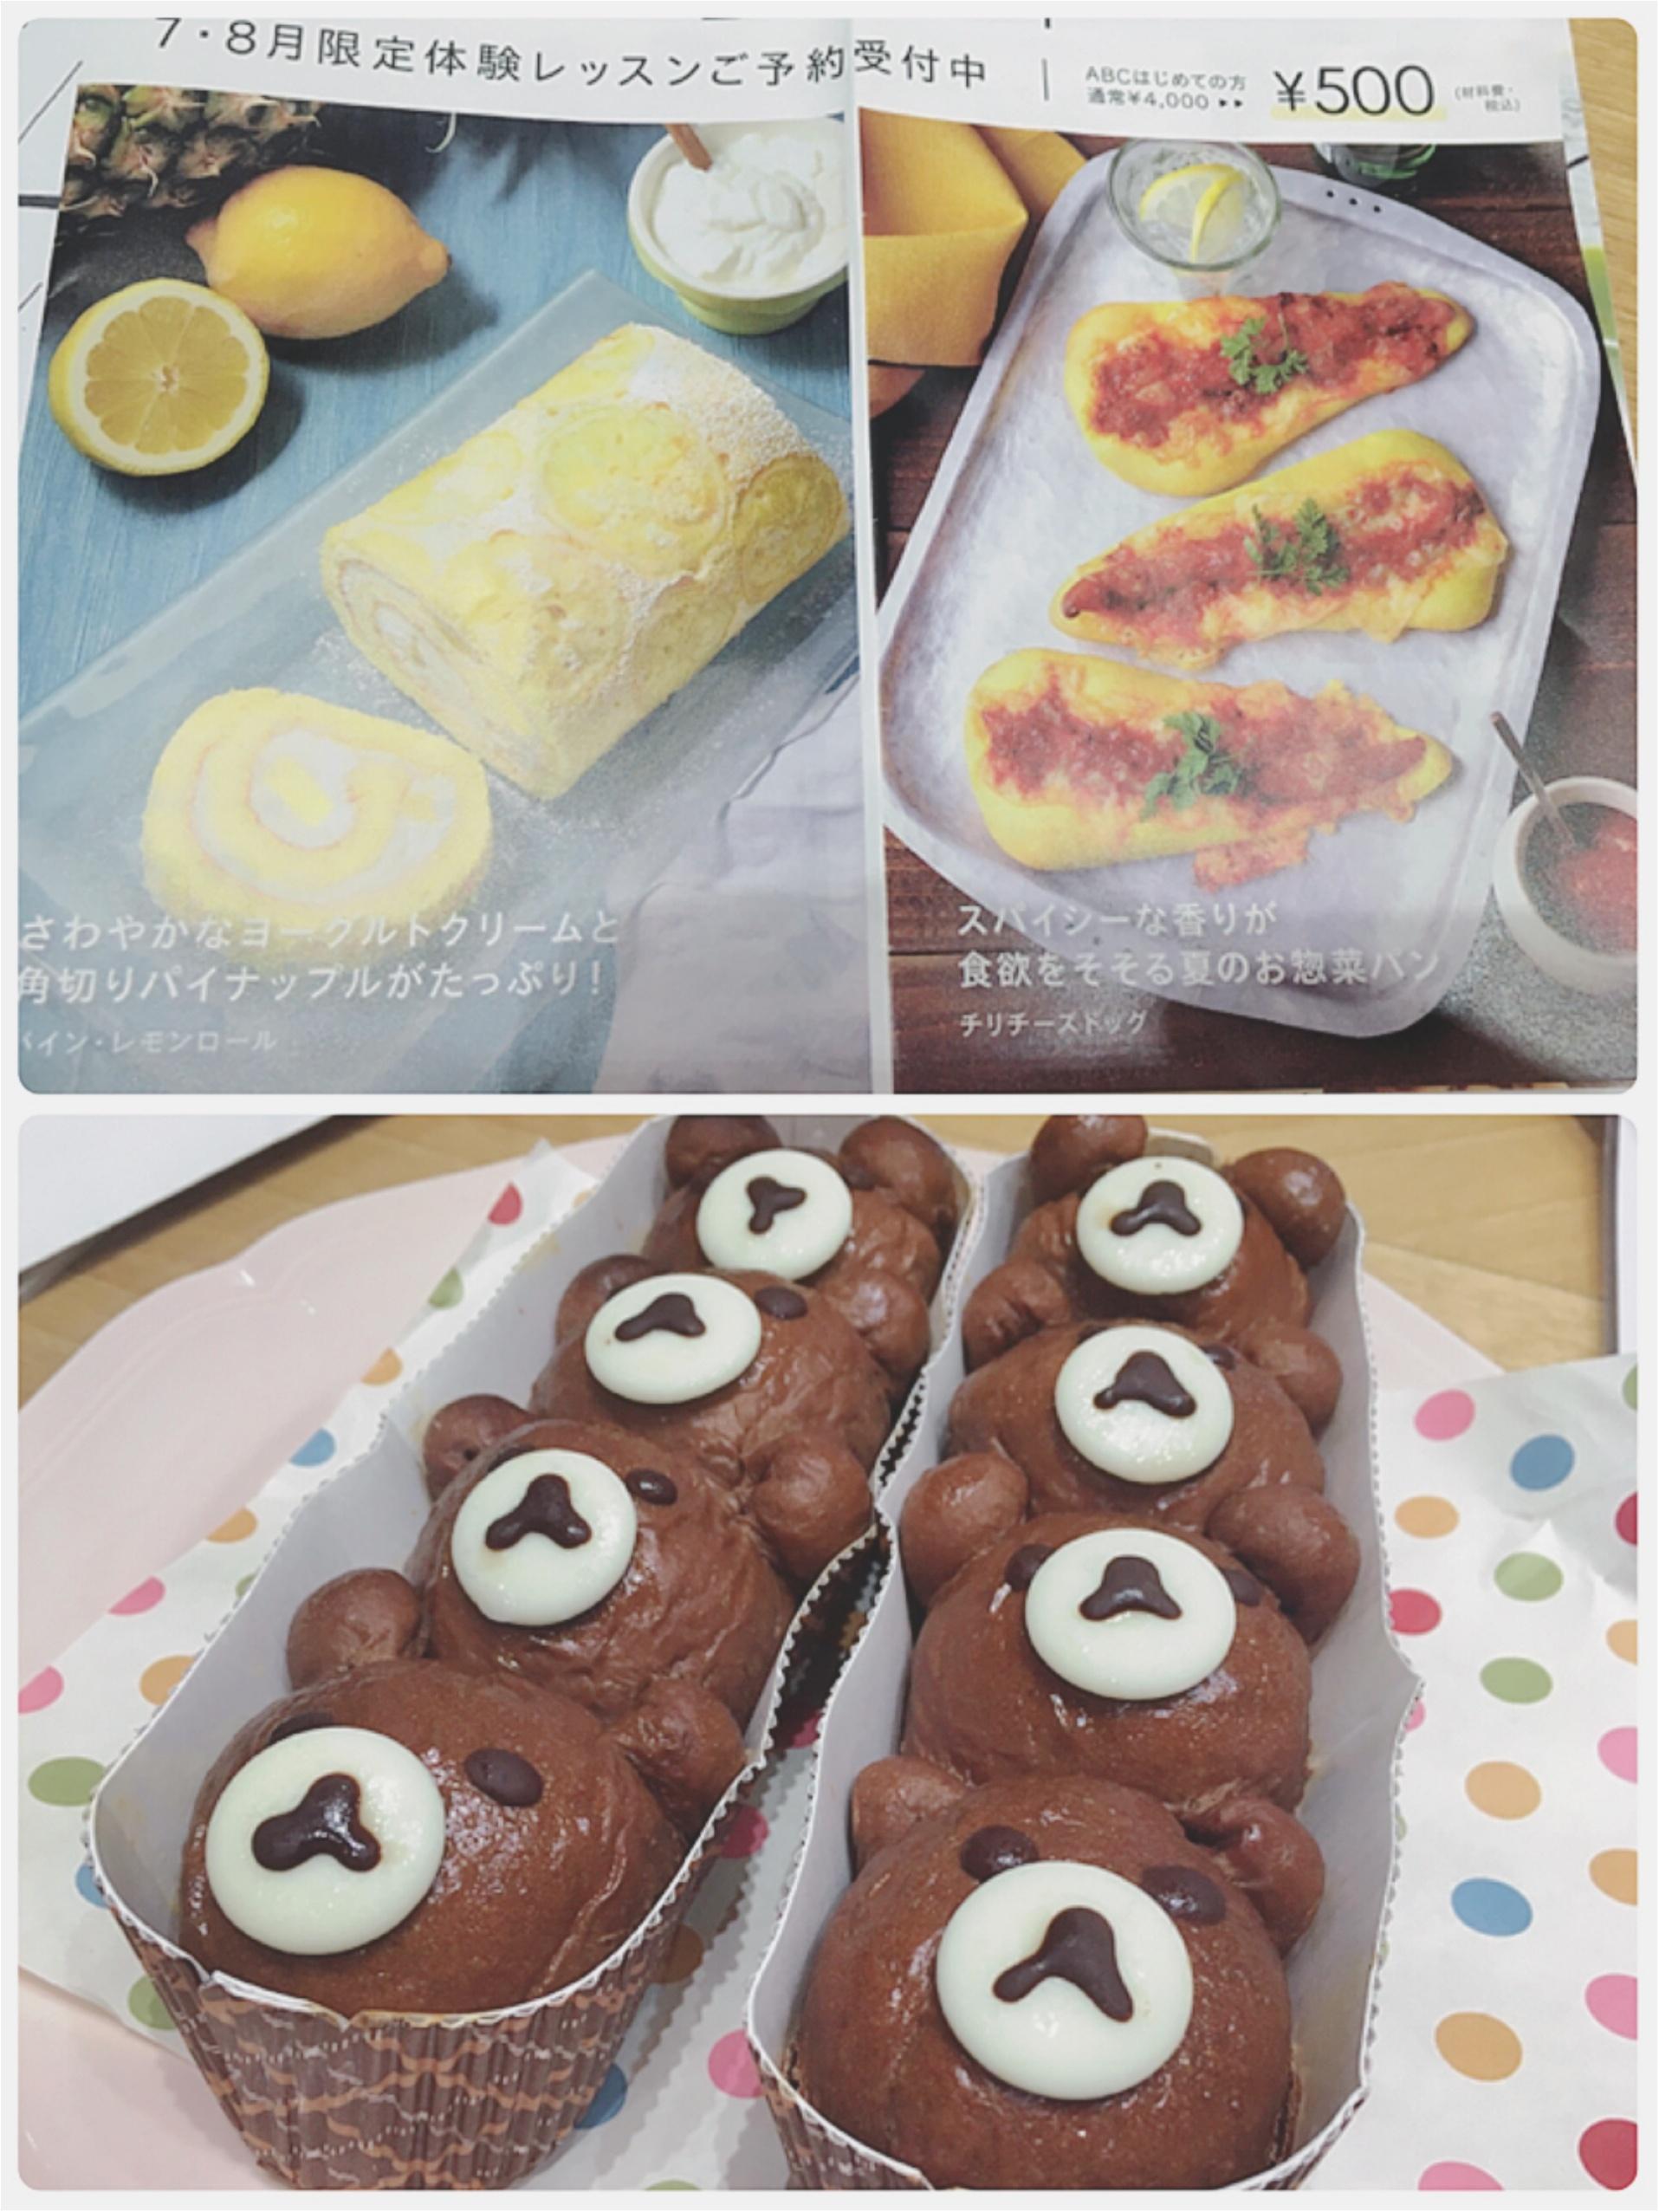 お料理教室体験★SNS映え◎かわいいキューブパンを作りました!-本日のモアハピ女子会-_7